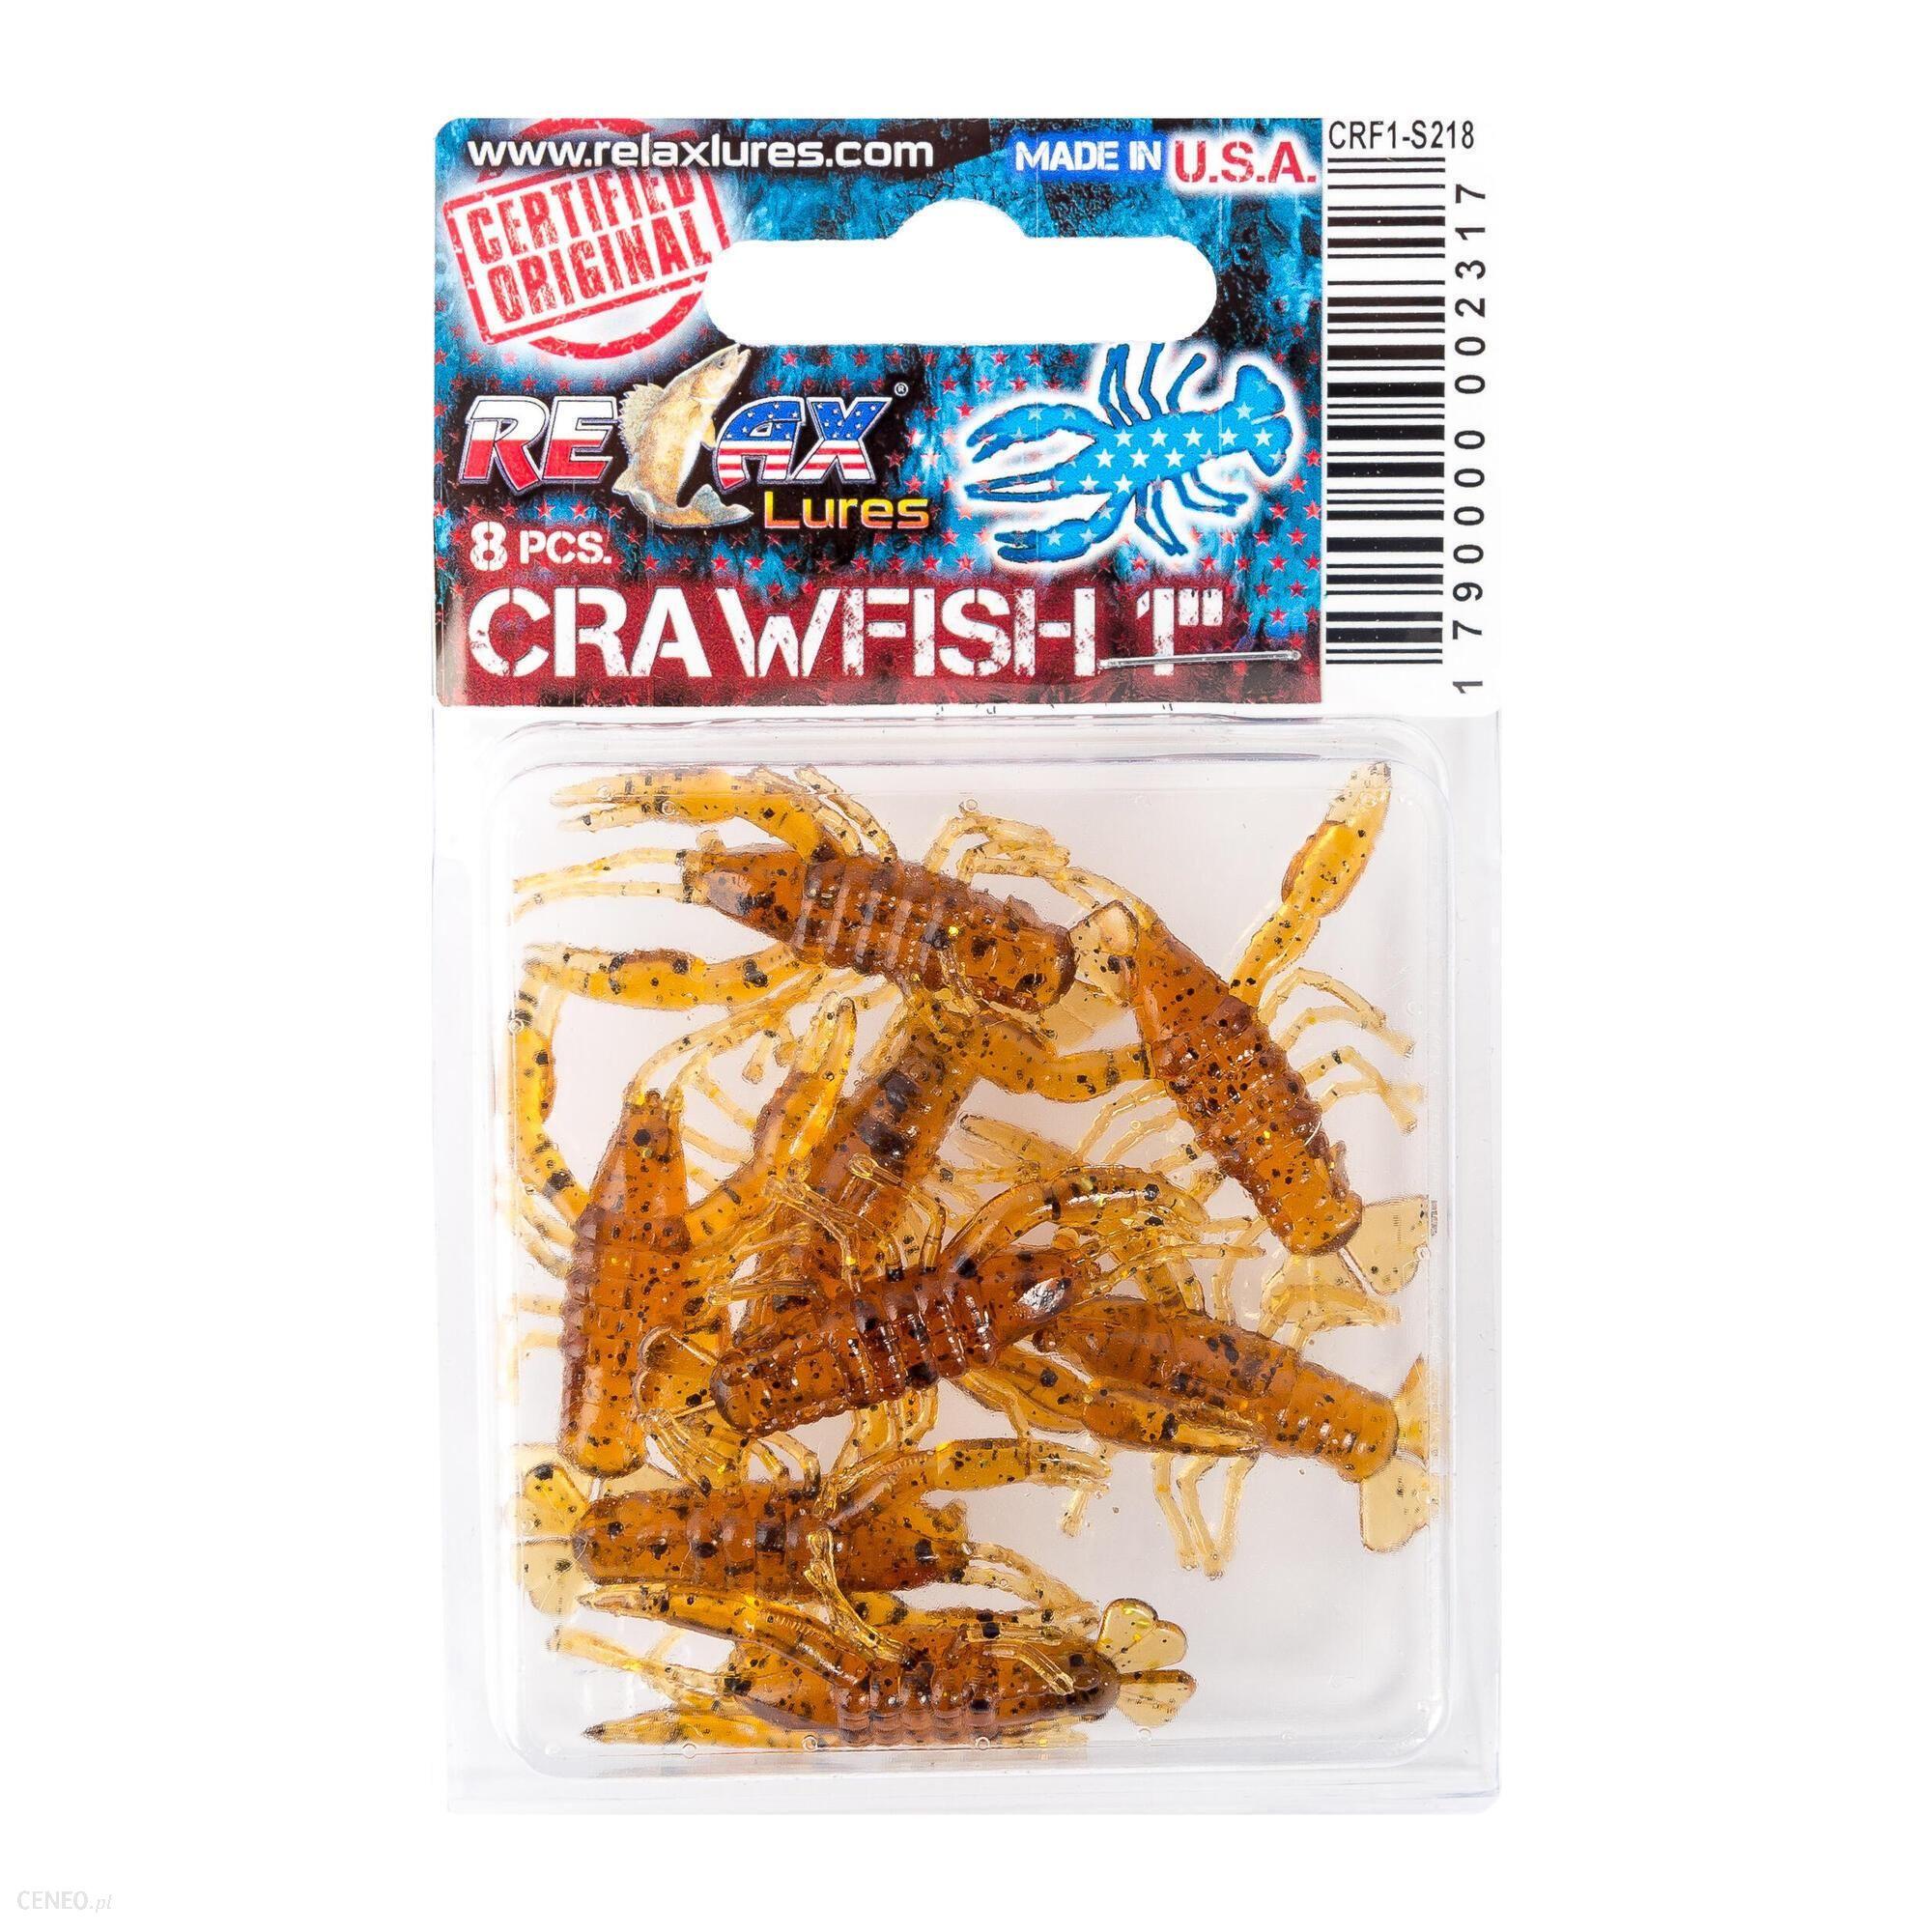 Relax Przynęta Gumowa Crawfish 1 (7)